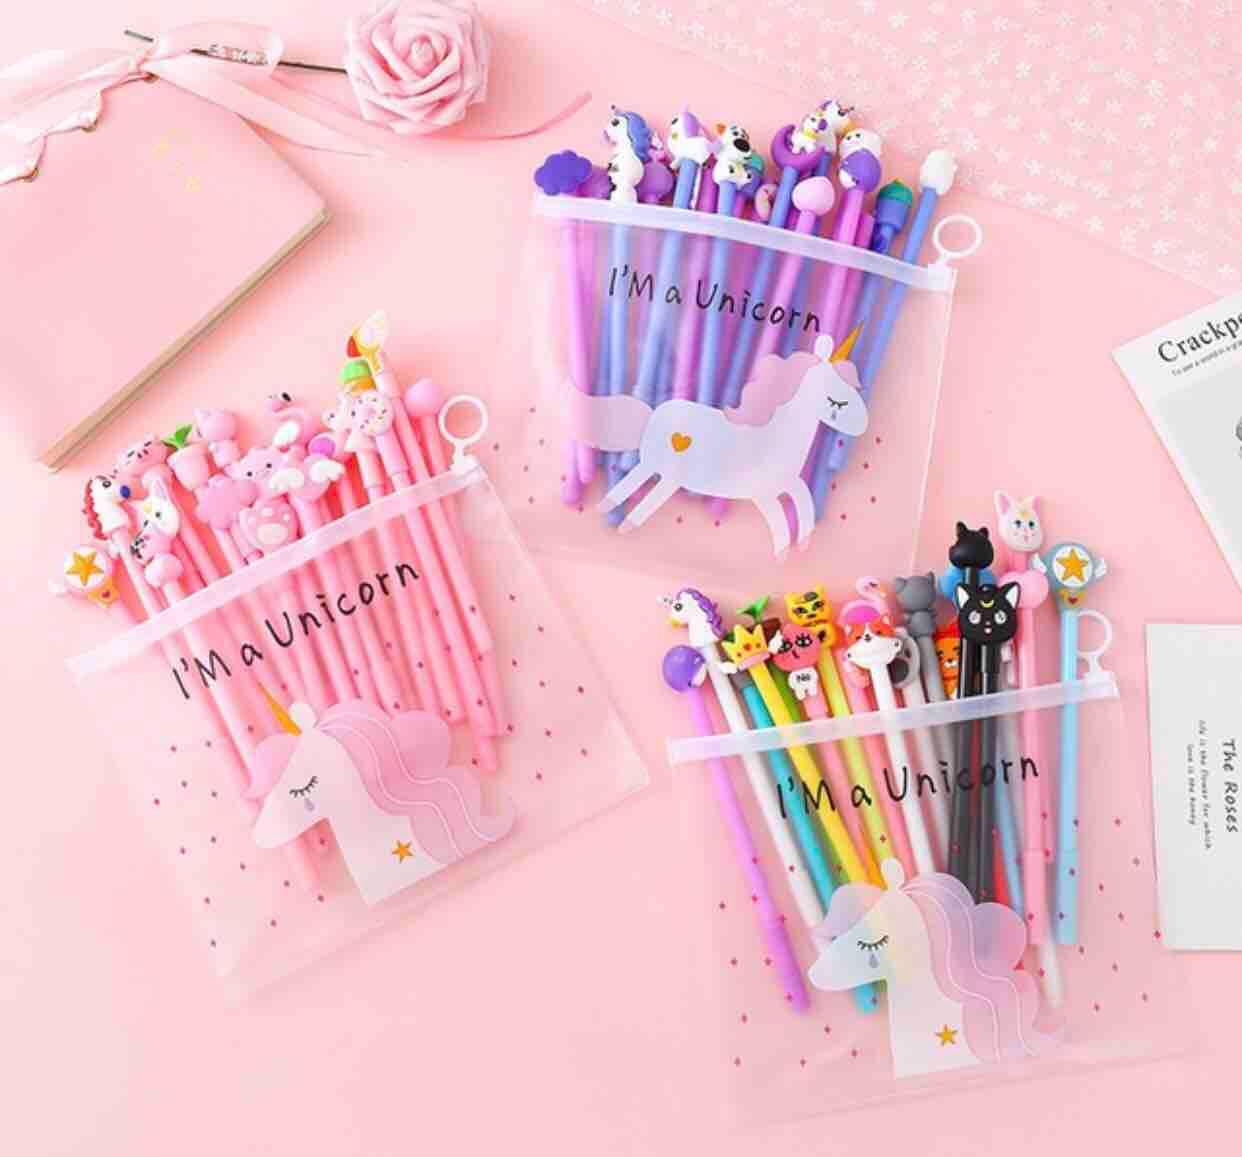 Mua Set 20 chiếc bút đáng yêu tặng kèm ví đựng(mực đen)